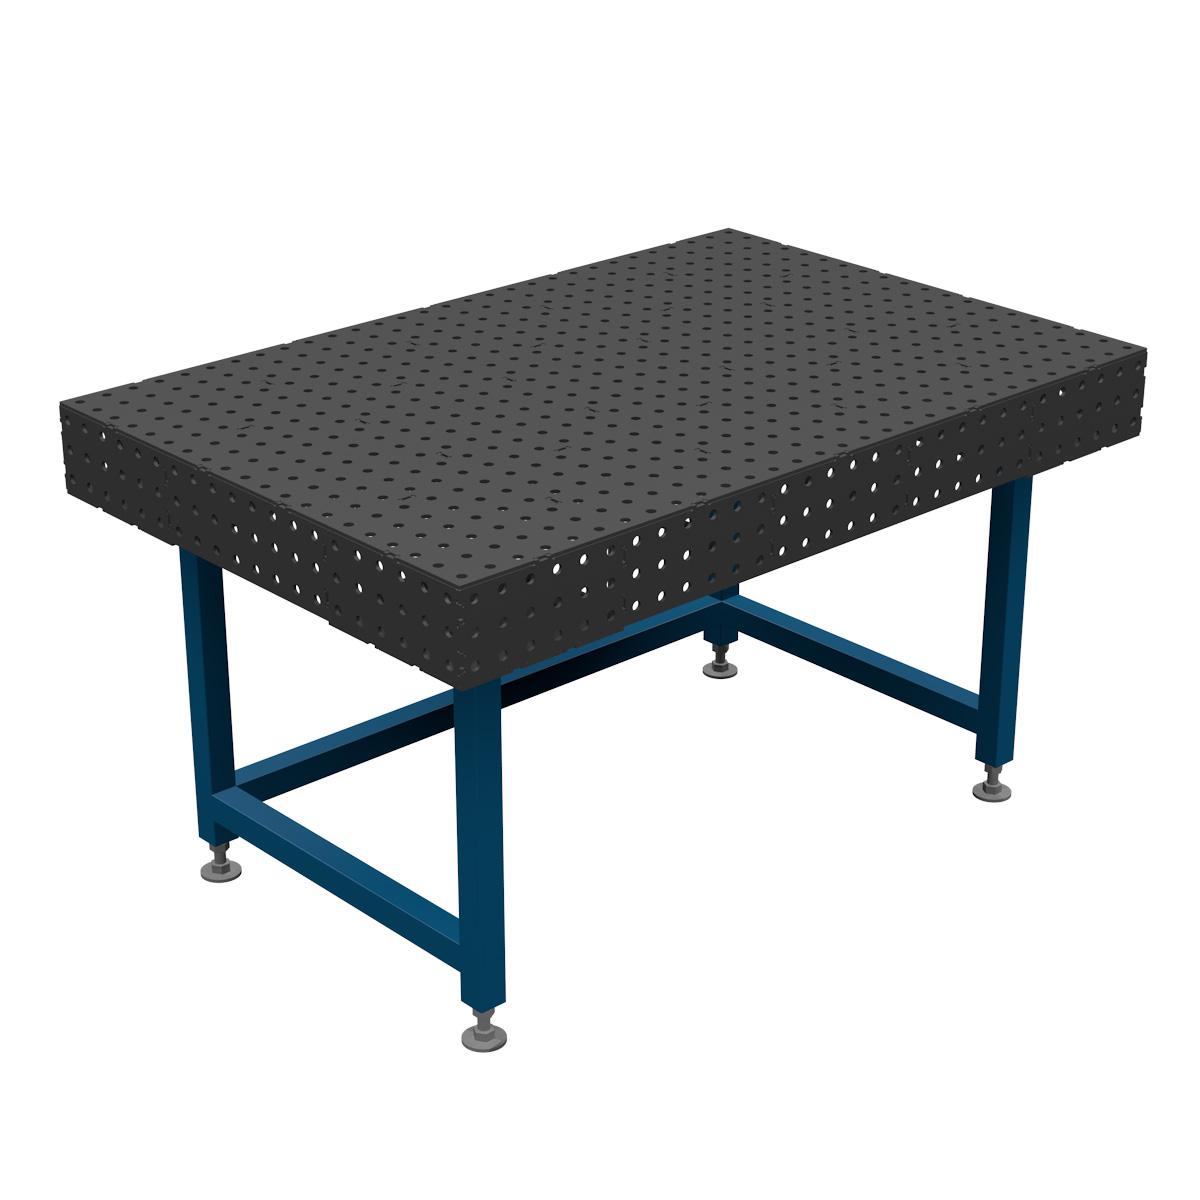 AASCO P1500X1000F16PO - stół montażowo spawalniczy. Wersja z otwartą konstrukcją nóg ułatwiającą prace na siedząco.